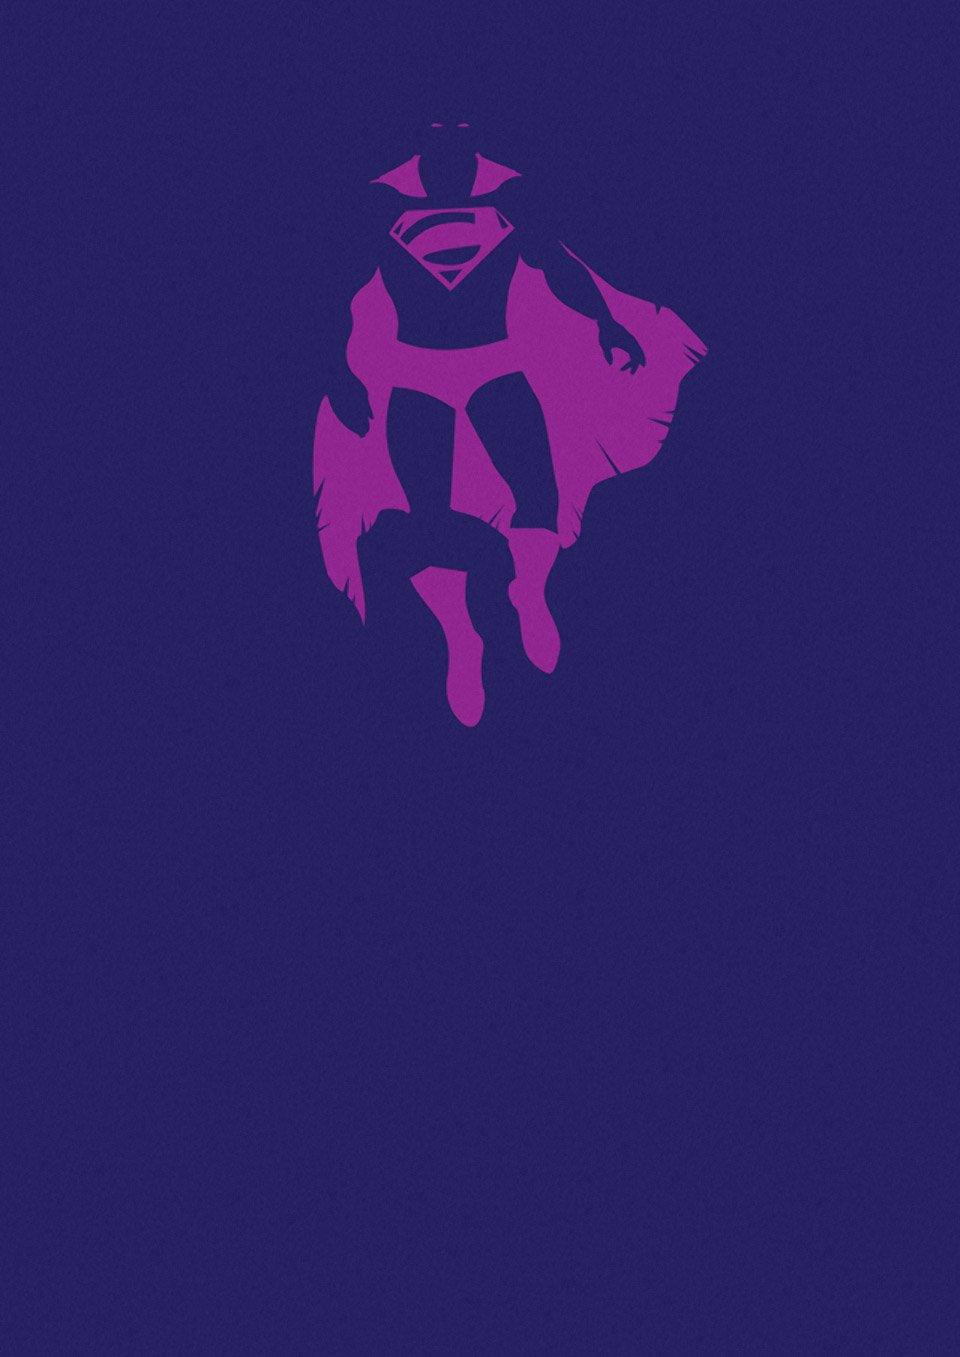 Terrific Minimalist Supervillain Images